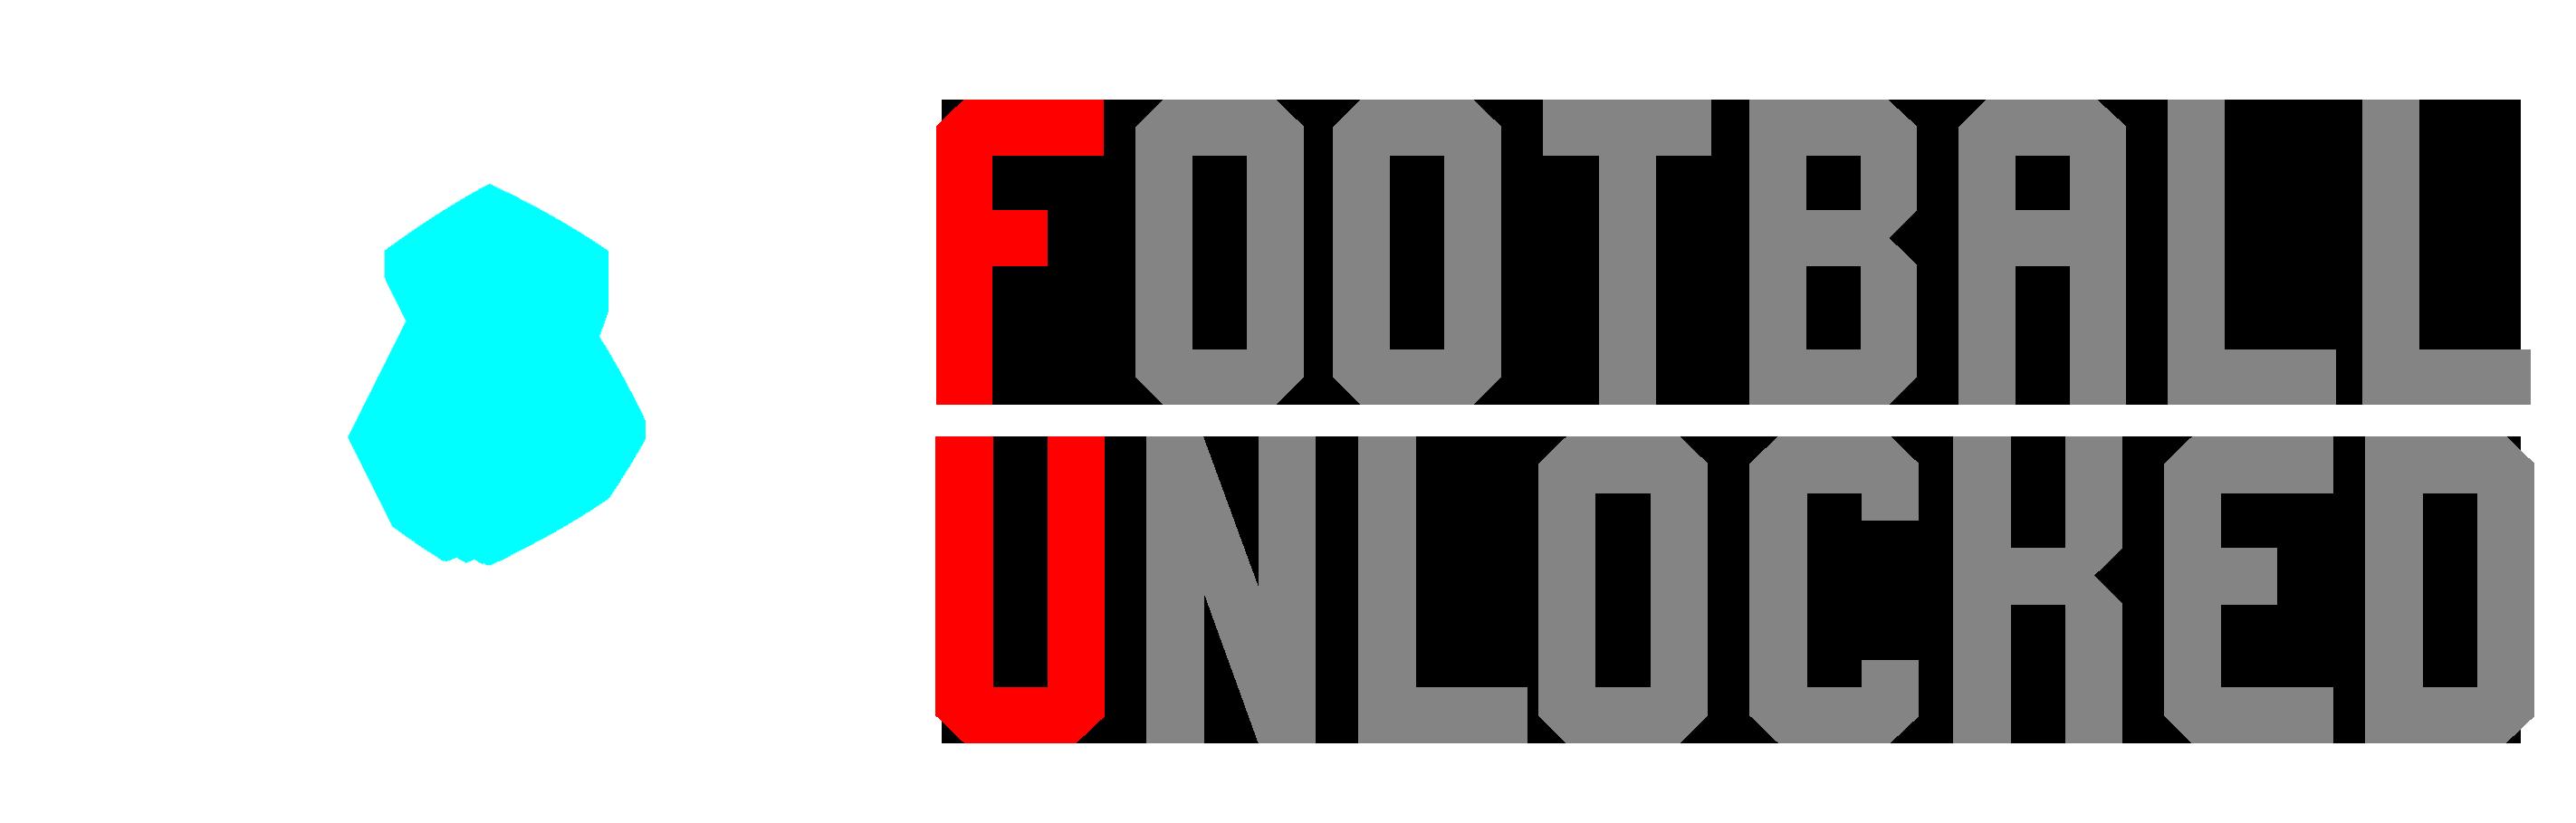 Football Unlocked